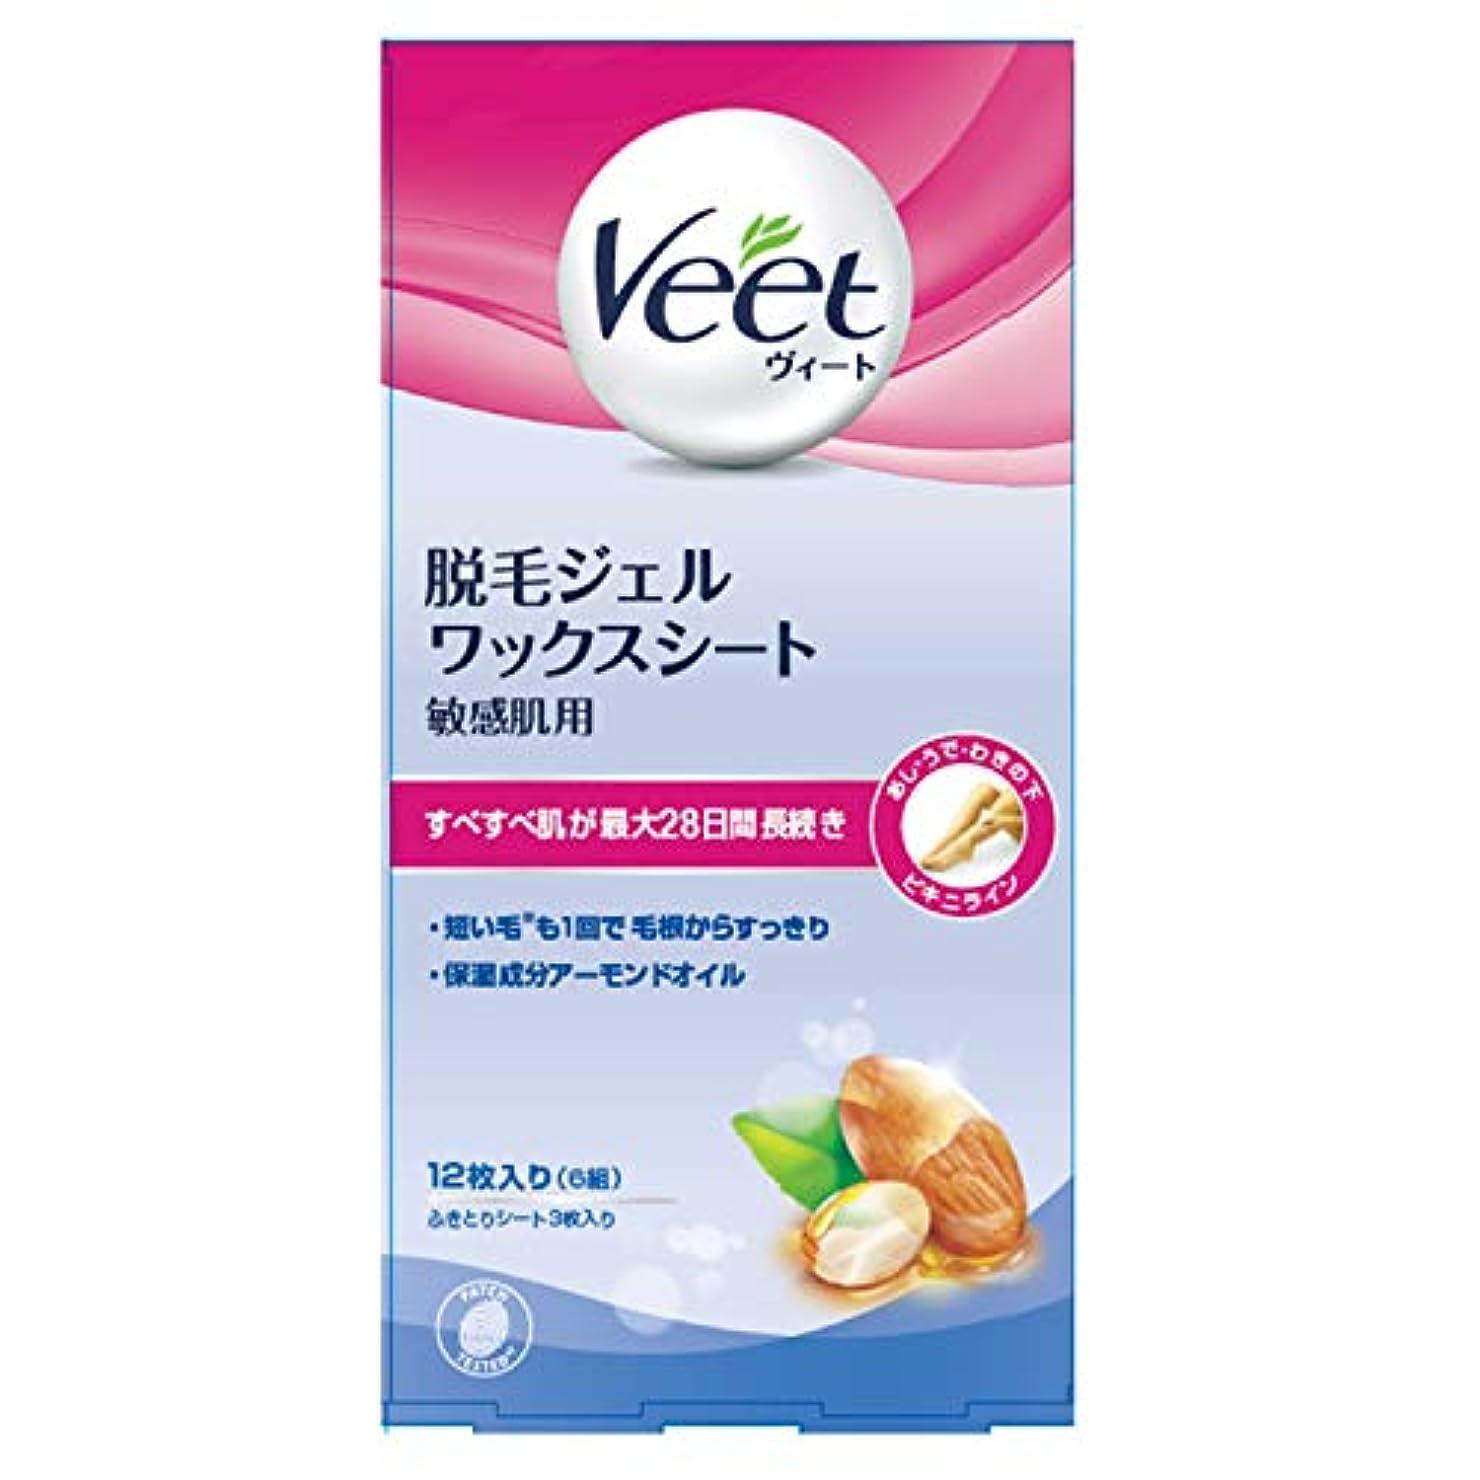 クライアント実業家方向ヴィート 脱毛ワックスシート 敏感肌用 (Veet Wax Strips Sensitive)